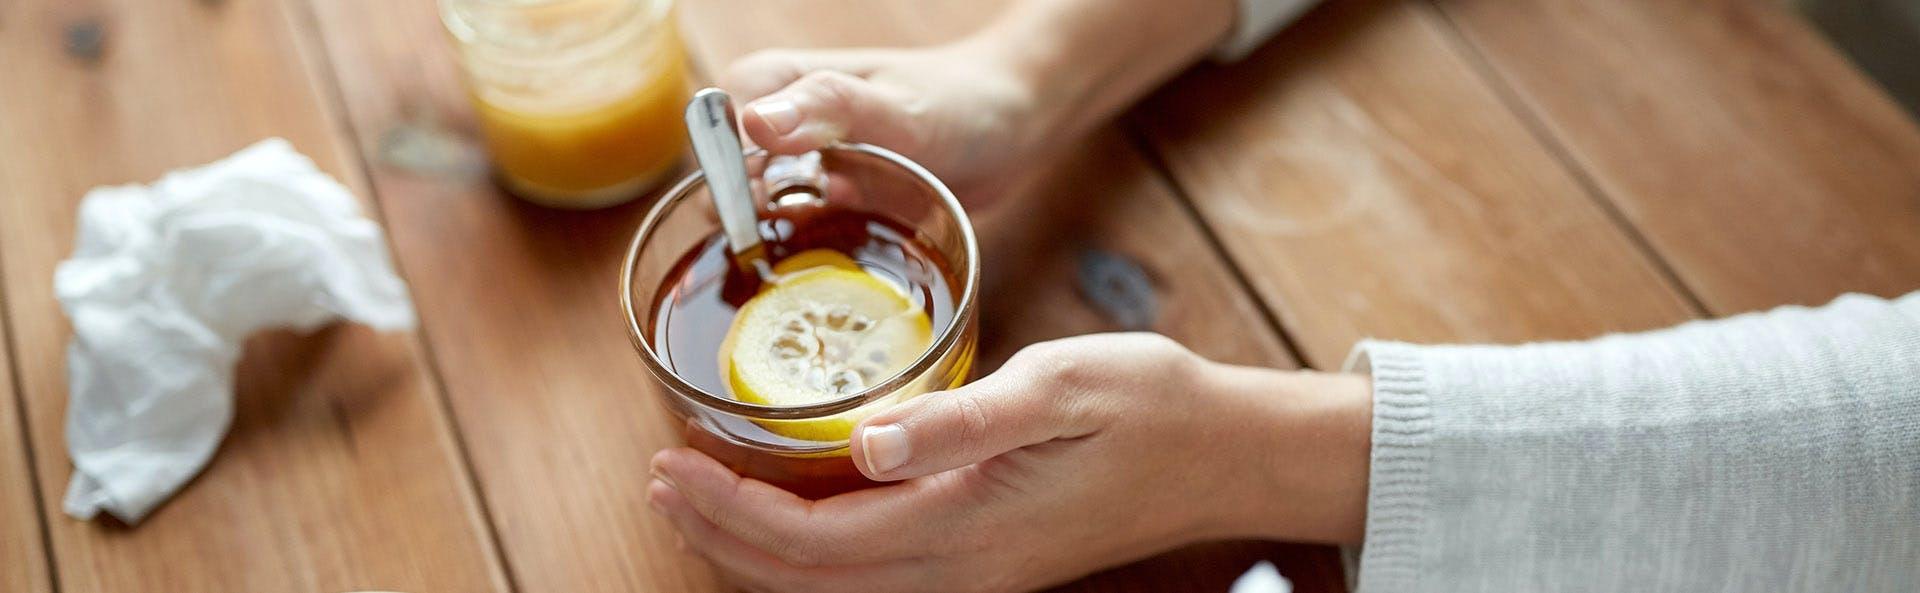 Manos de una mujer sosteniendo una bebida.